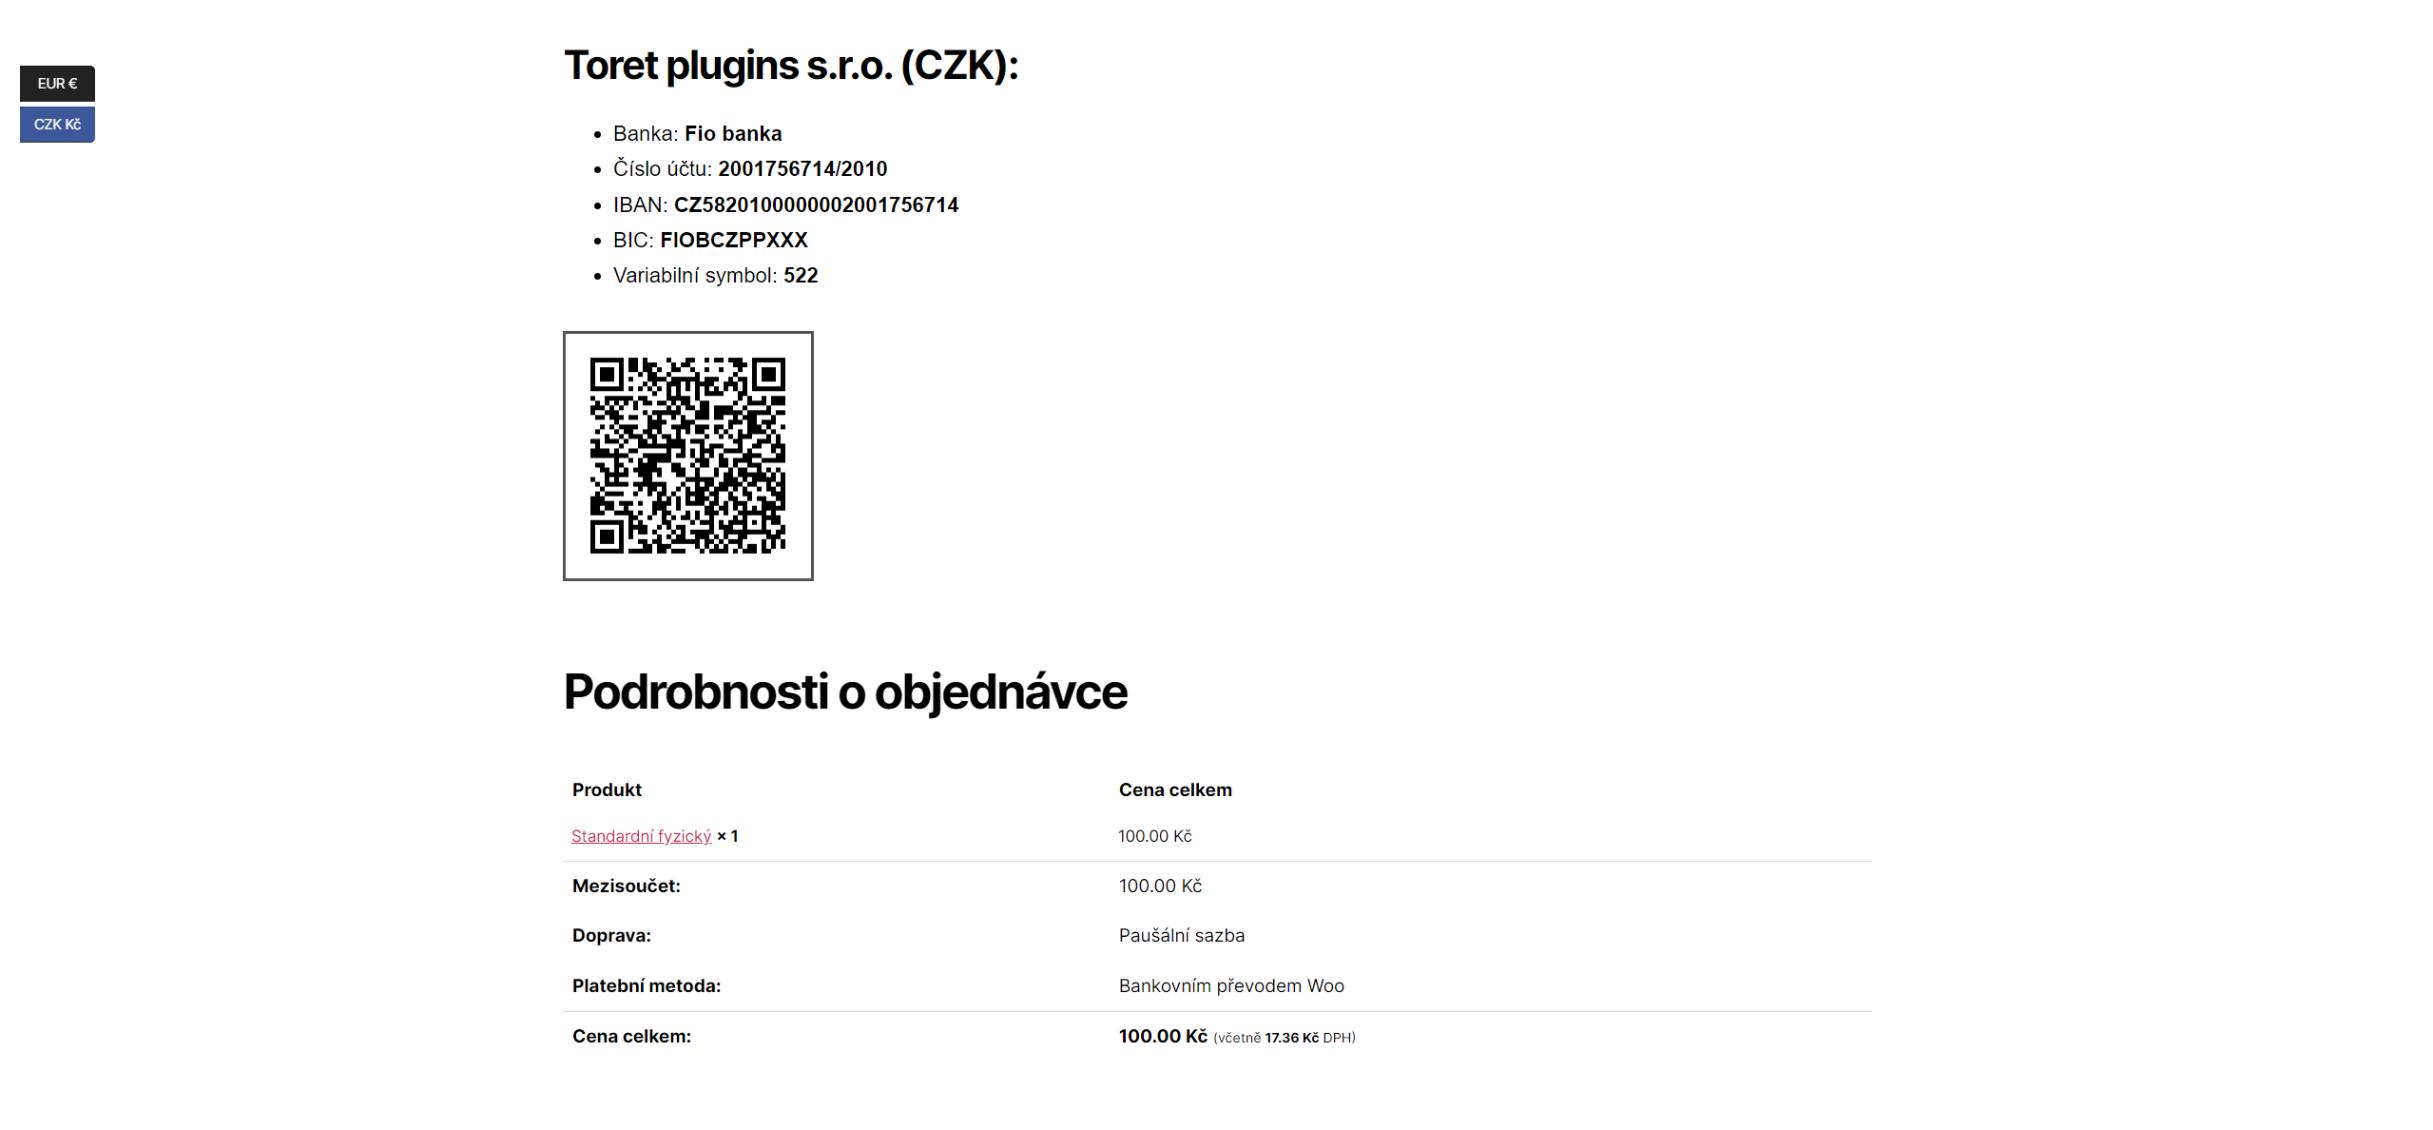 Objednávka v CZK a QR kódem pro český účet